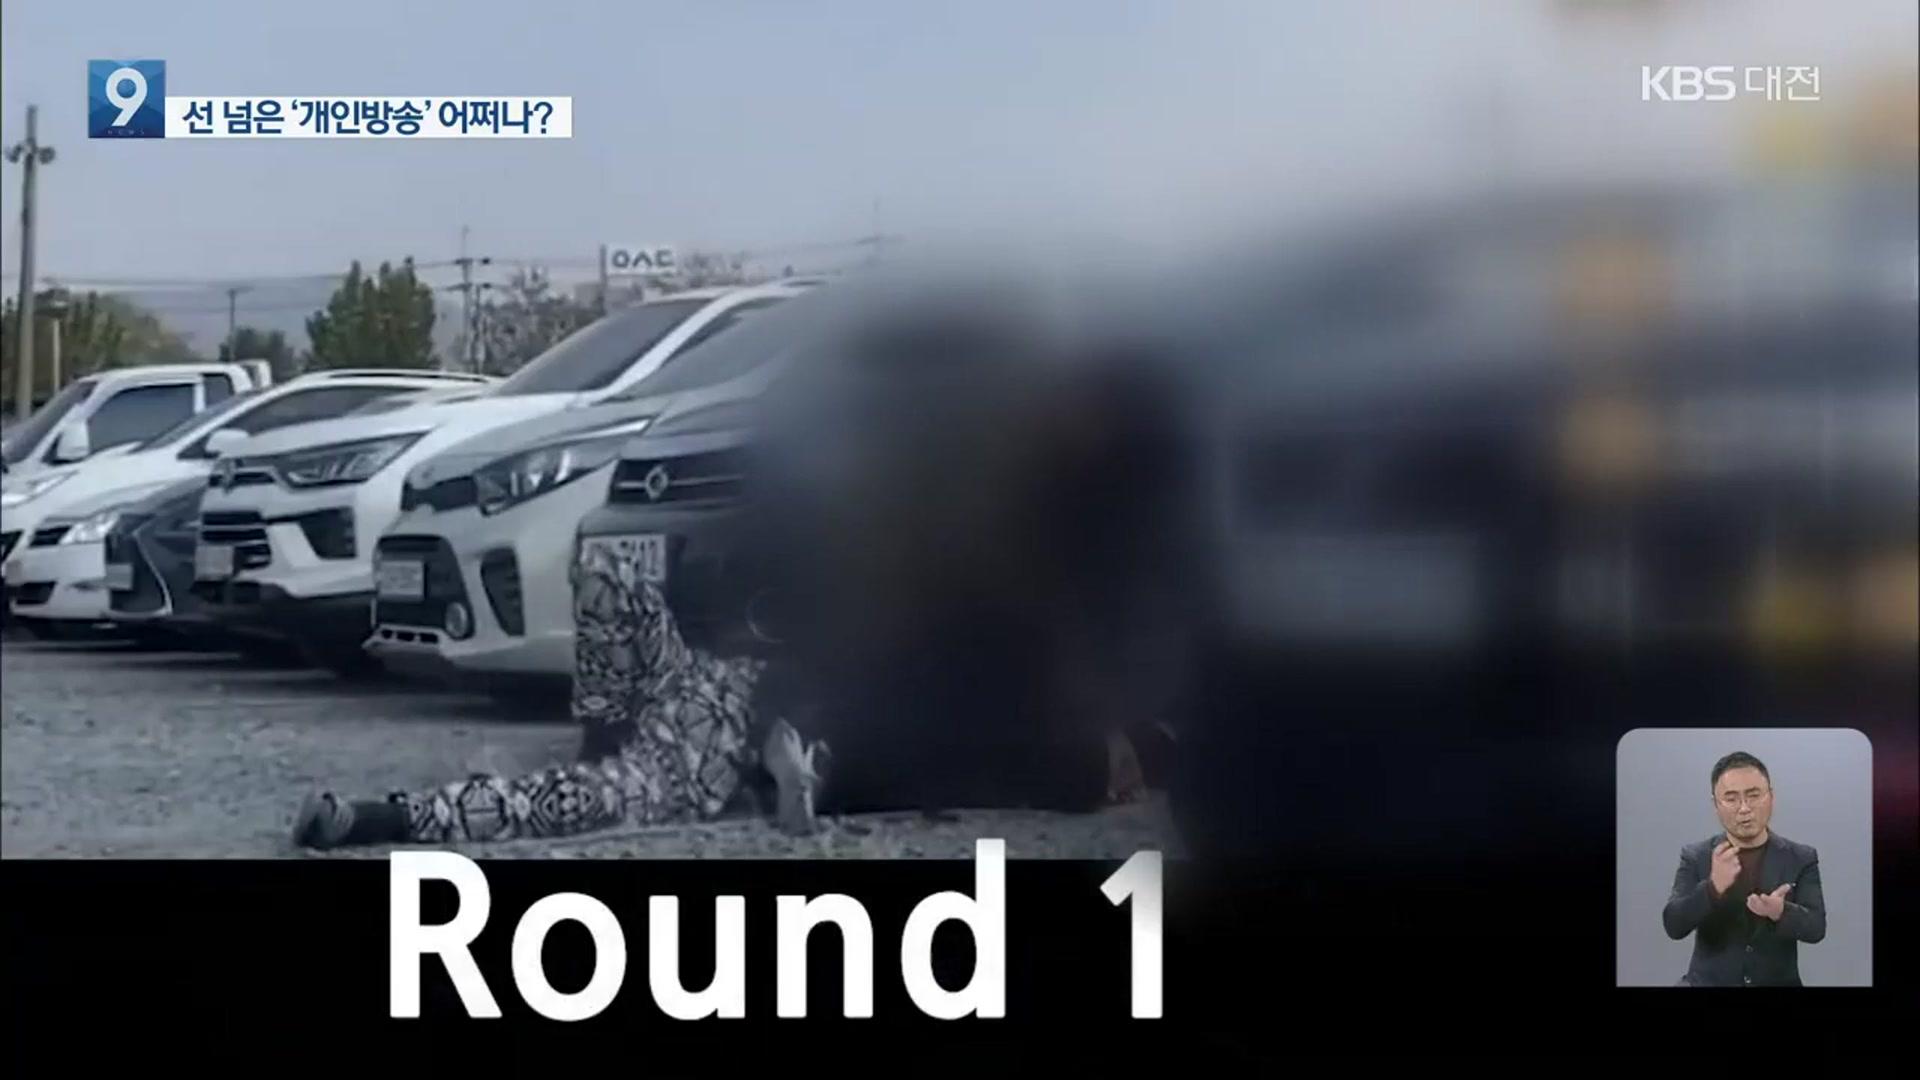 '현피' 실시간 중계..부적절 콘텐츠 무분별 유통 '여전'[핸드폰바둑이 네이비 토토]